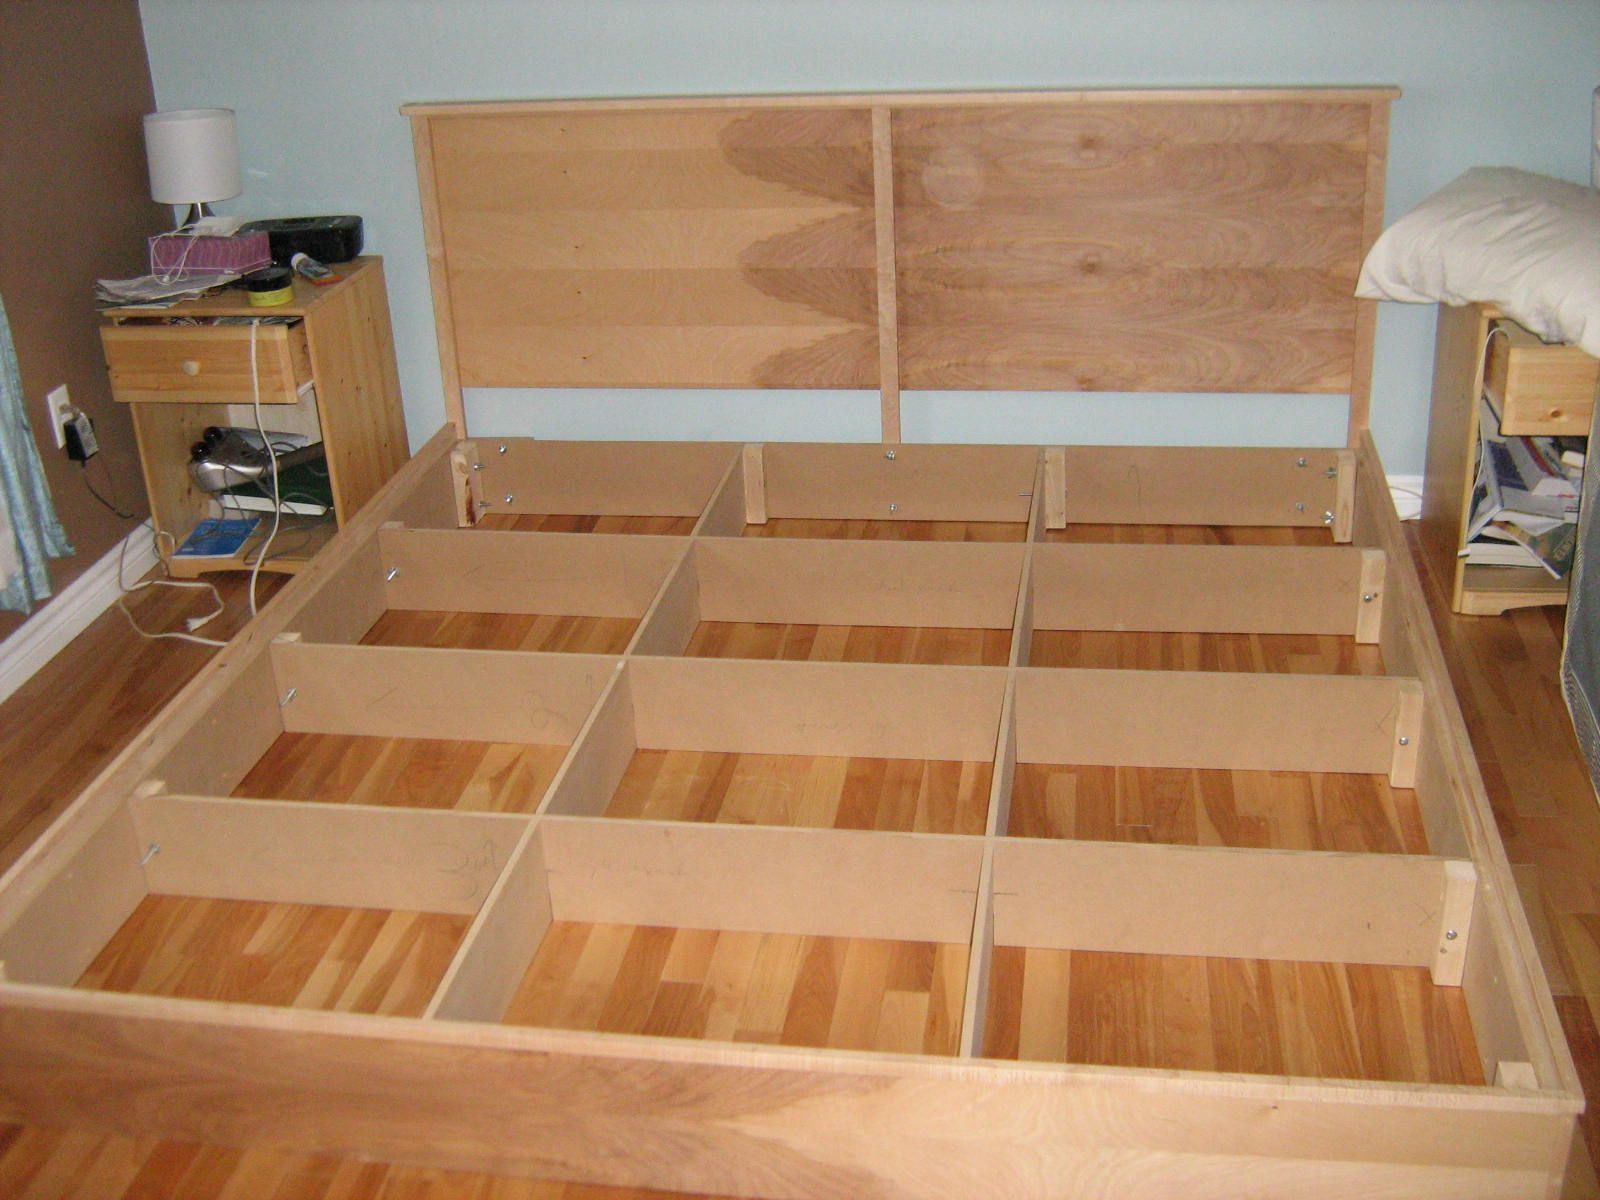 Diy King Size Floating Platform Bed Plans Tcworks Org